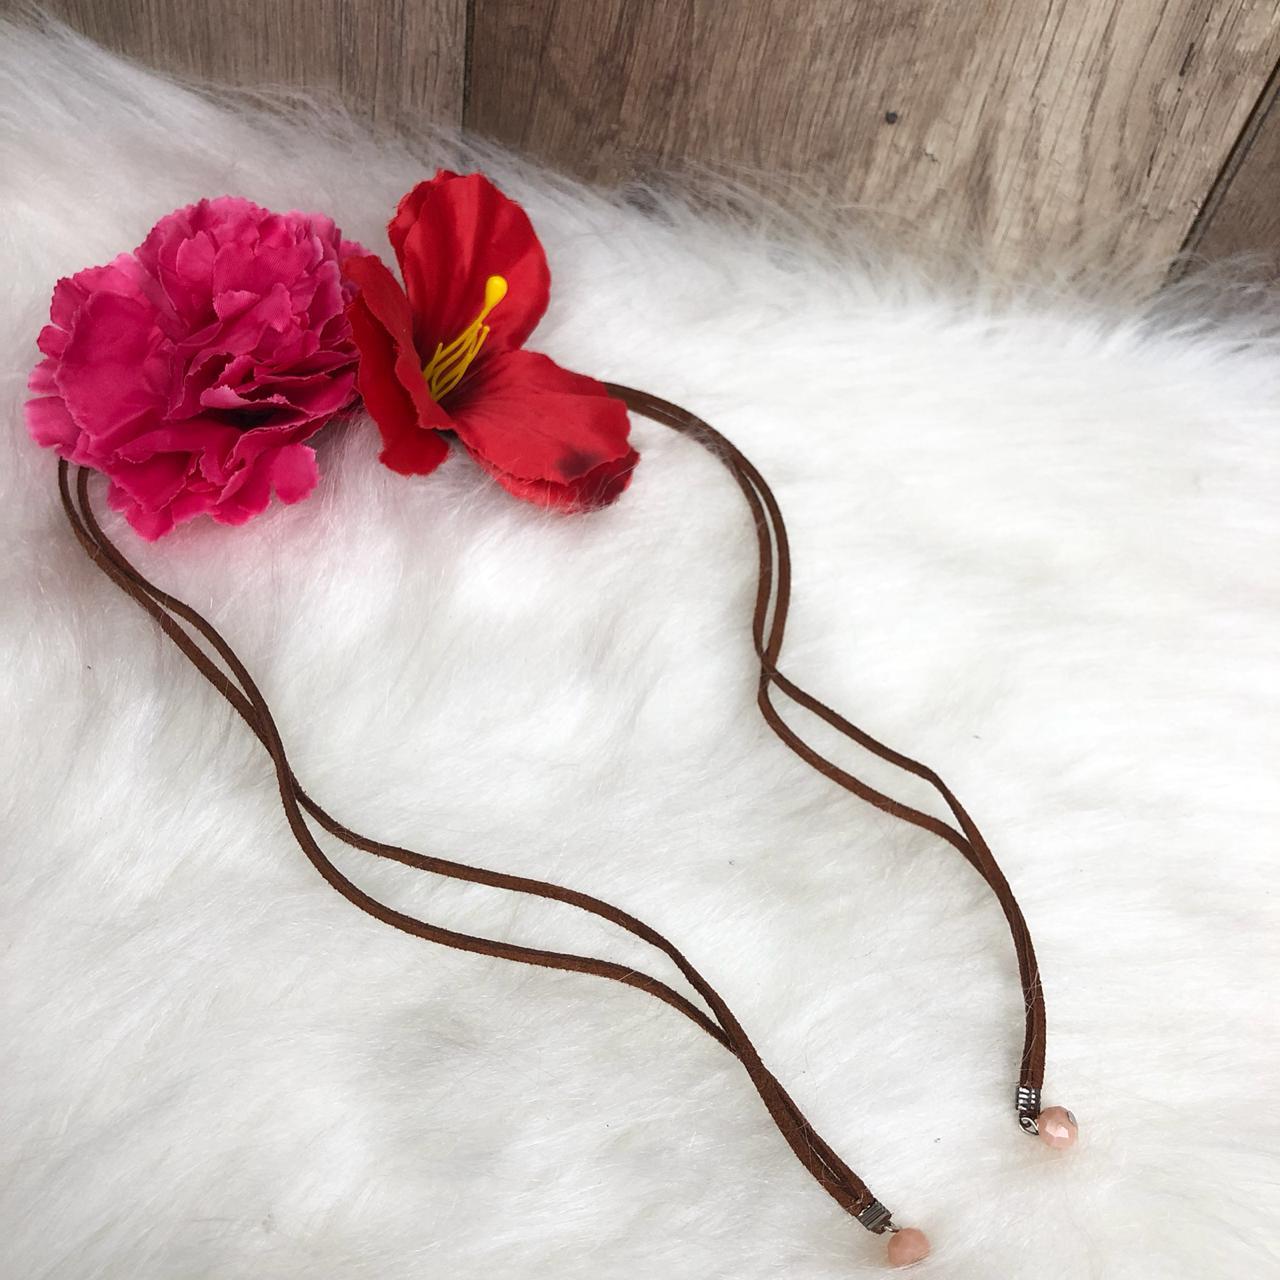 Headband Flores Tiara de Flor e Tulipa Rosa e Vermelho - Diamante ... 1c706245451